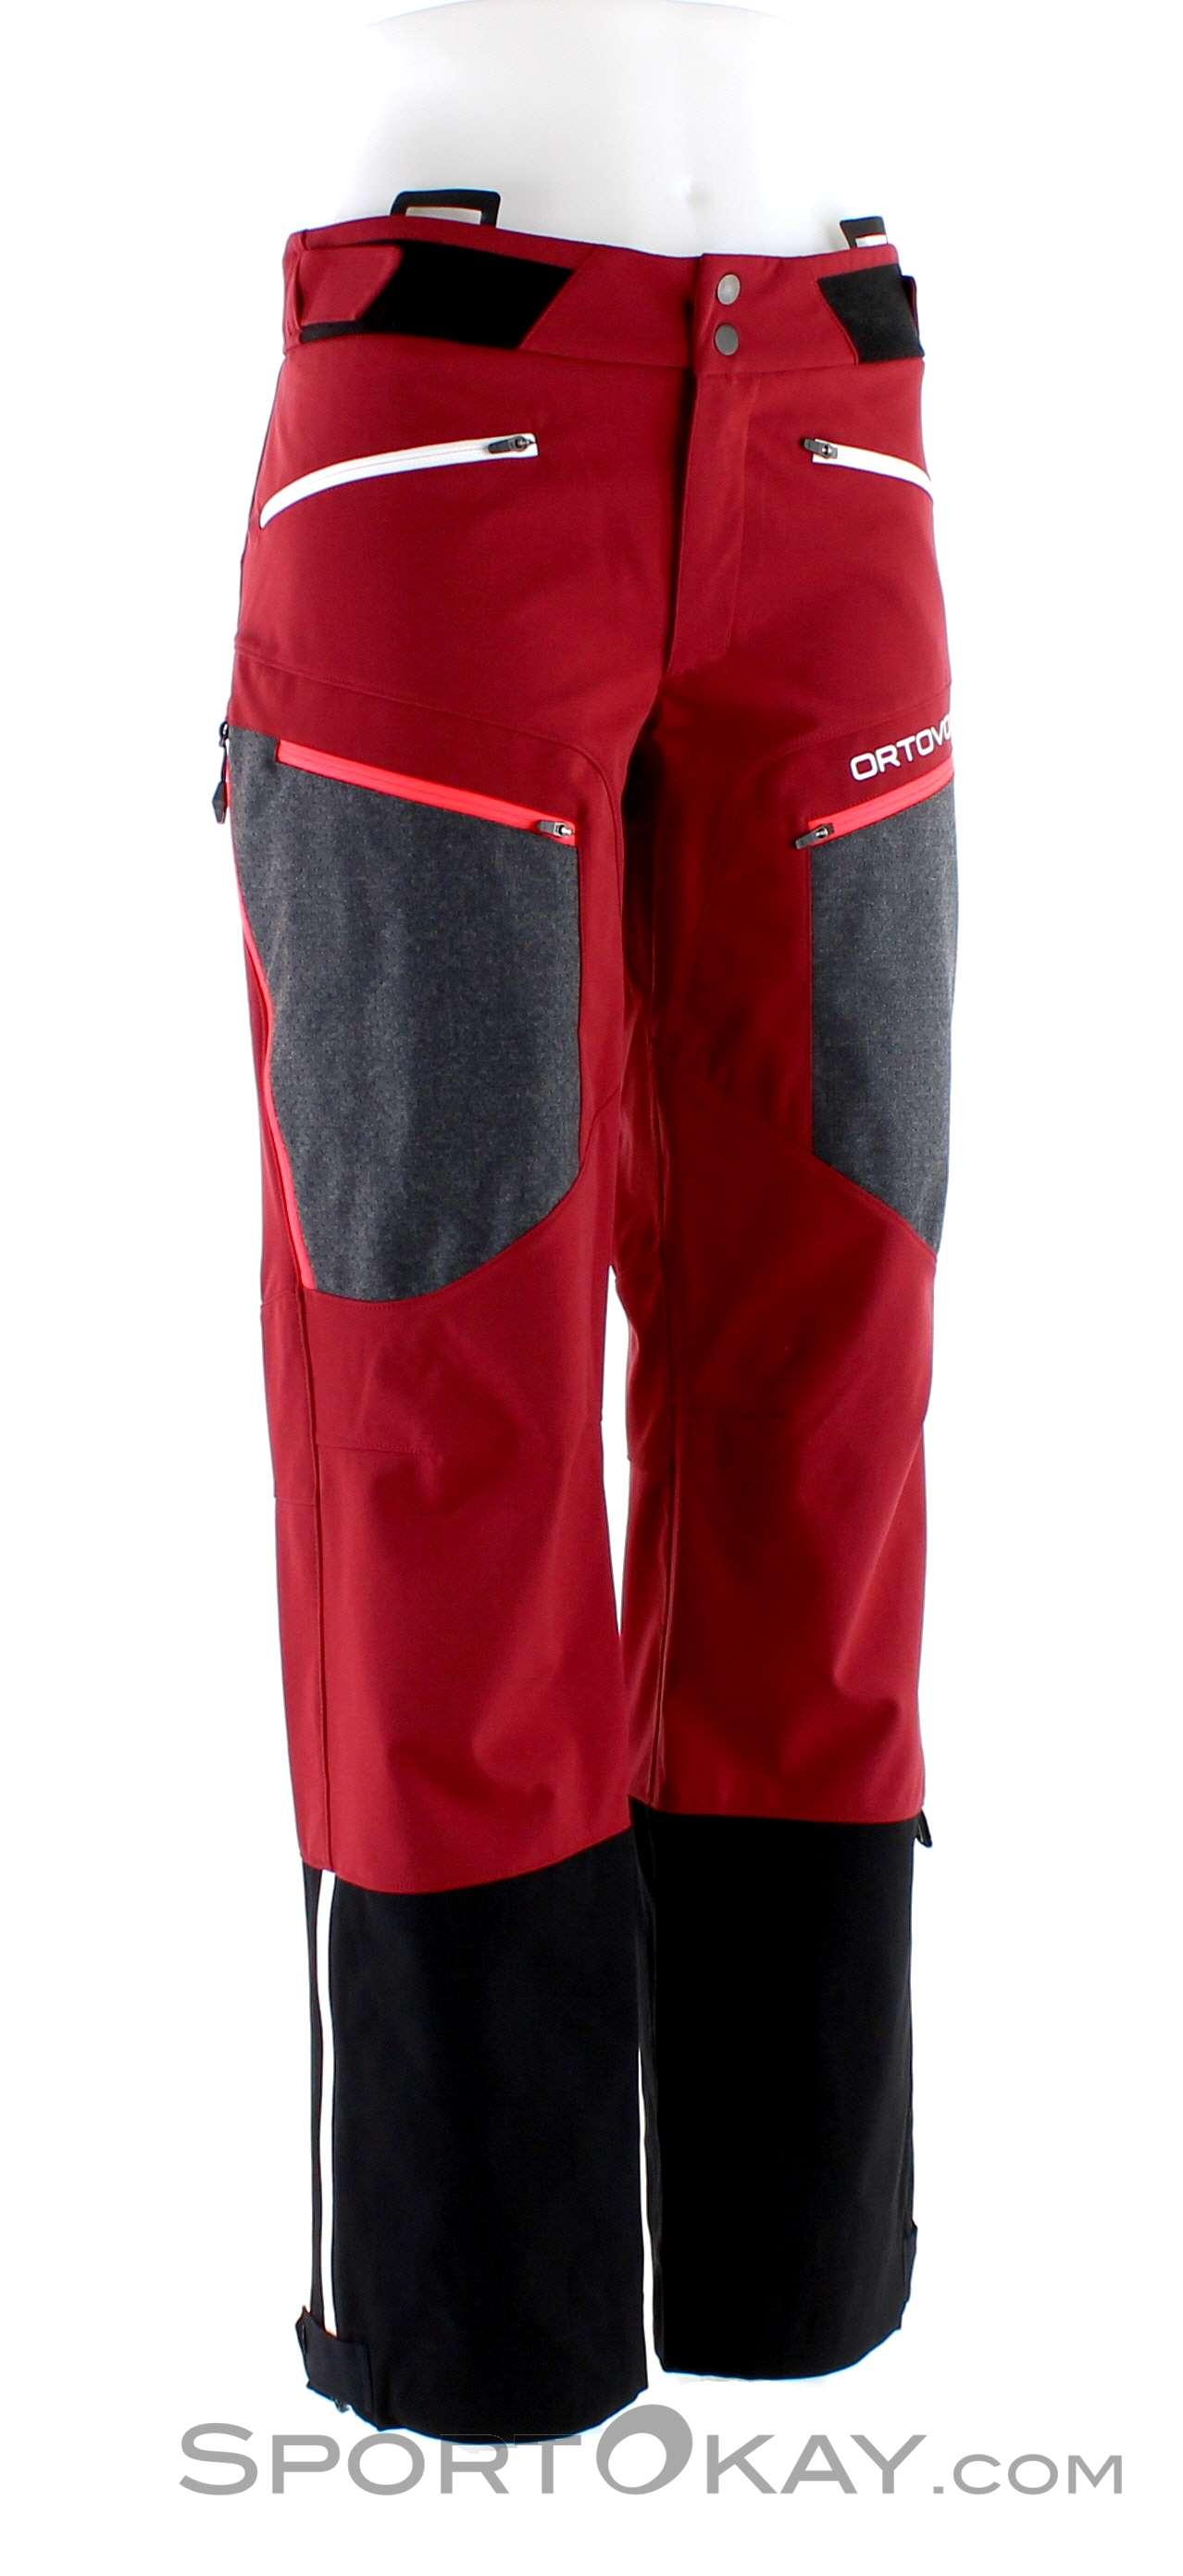 Ortovox Pordoi Pants Damen Tourenhose-Rot-L